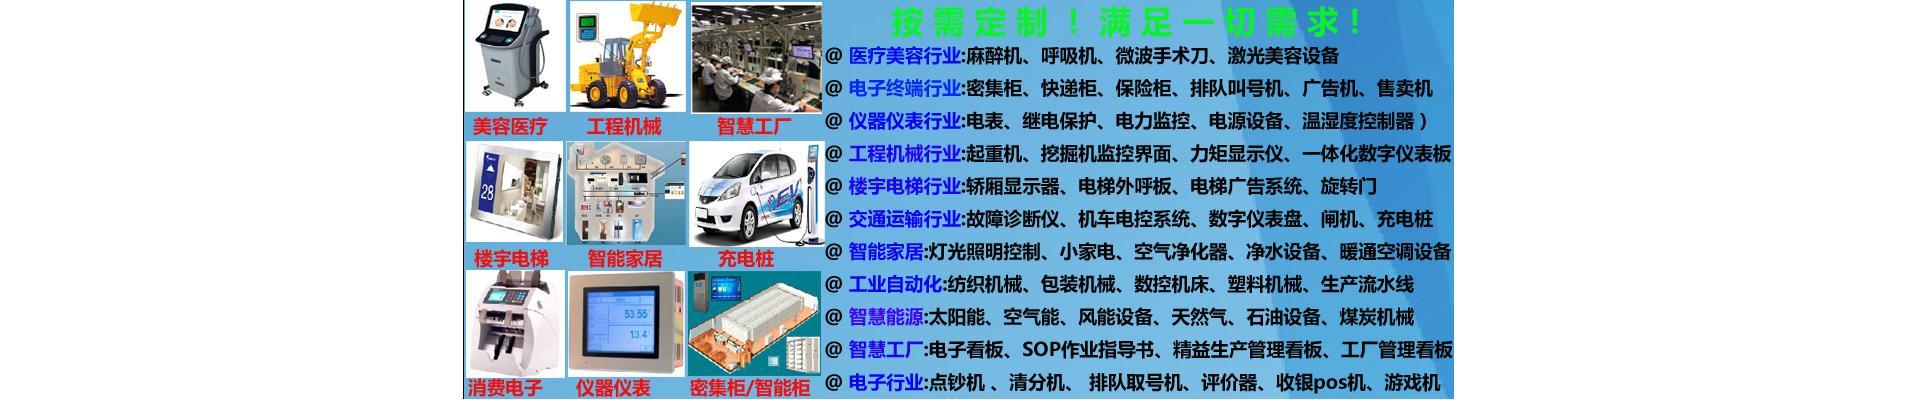 广州铭泽智能装备有限公司